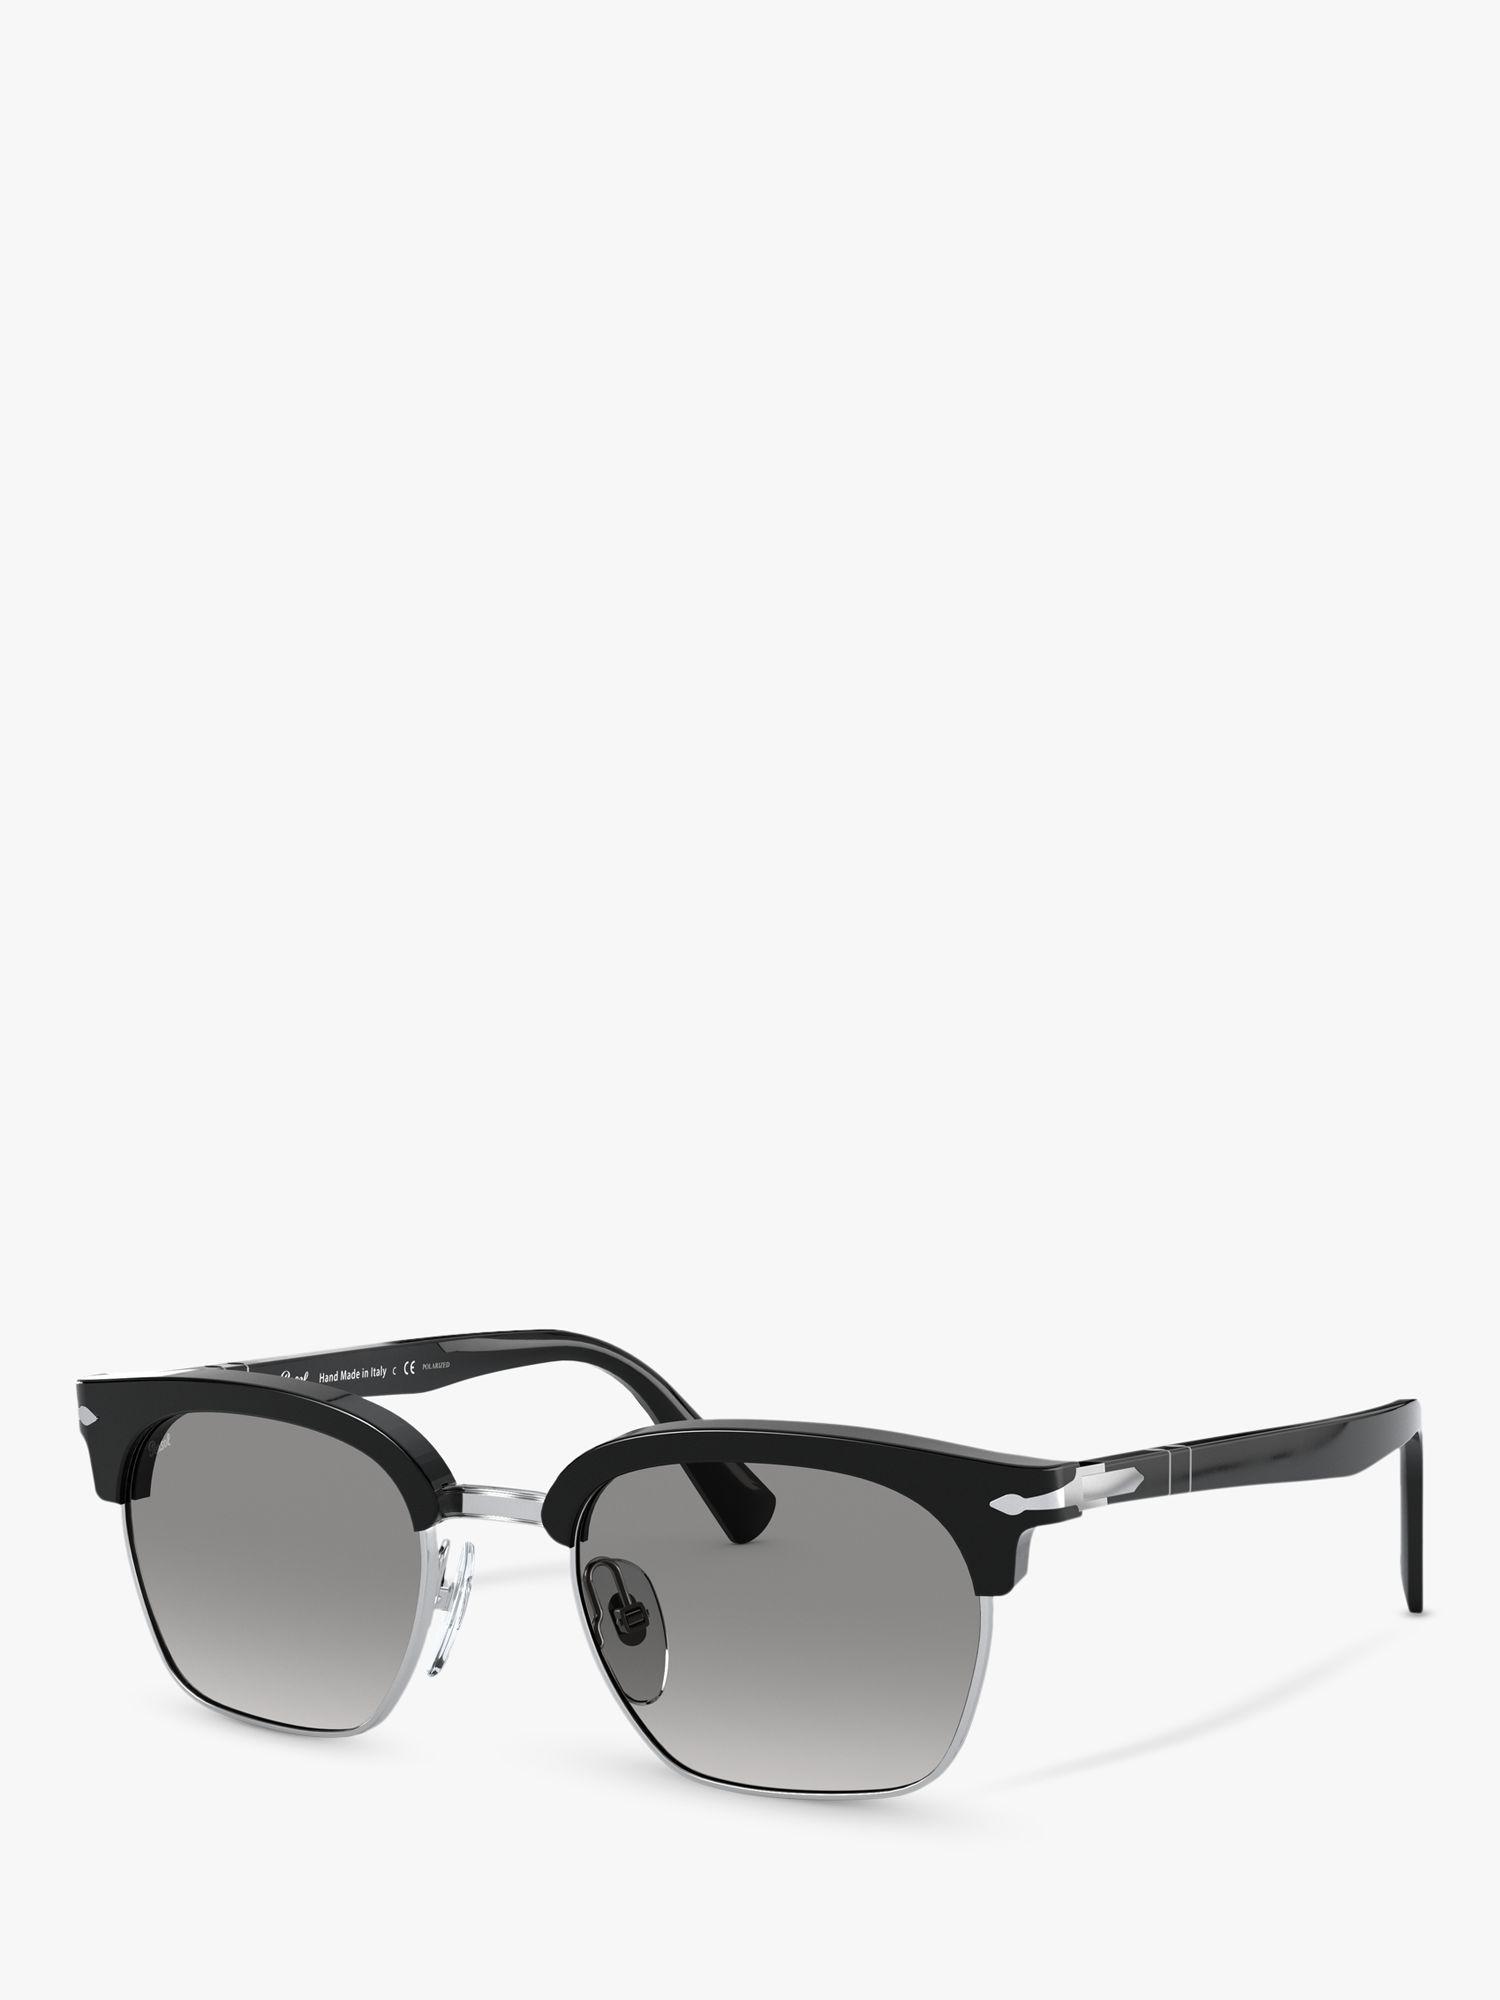 Persol Persol PO3199S Unisex Polarised Square Sunglasses, Black/Grey Gradient